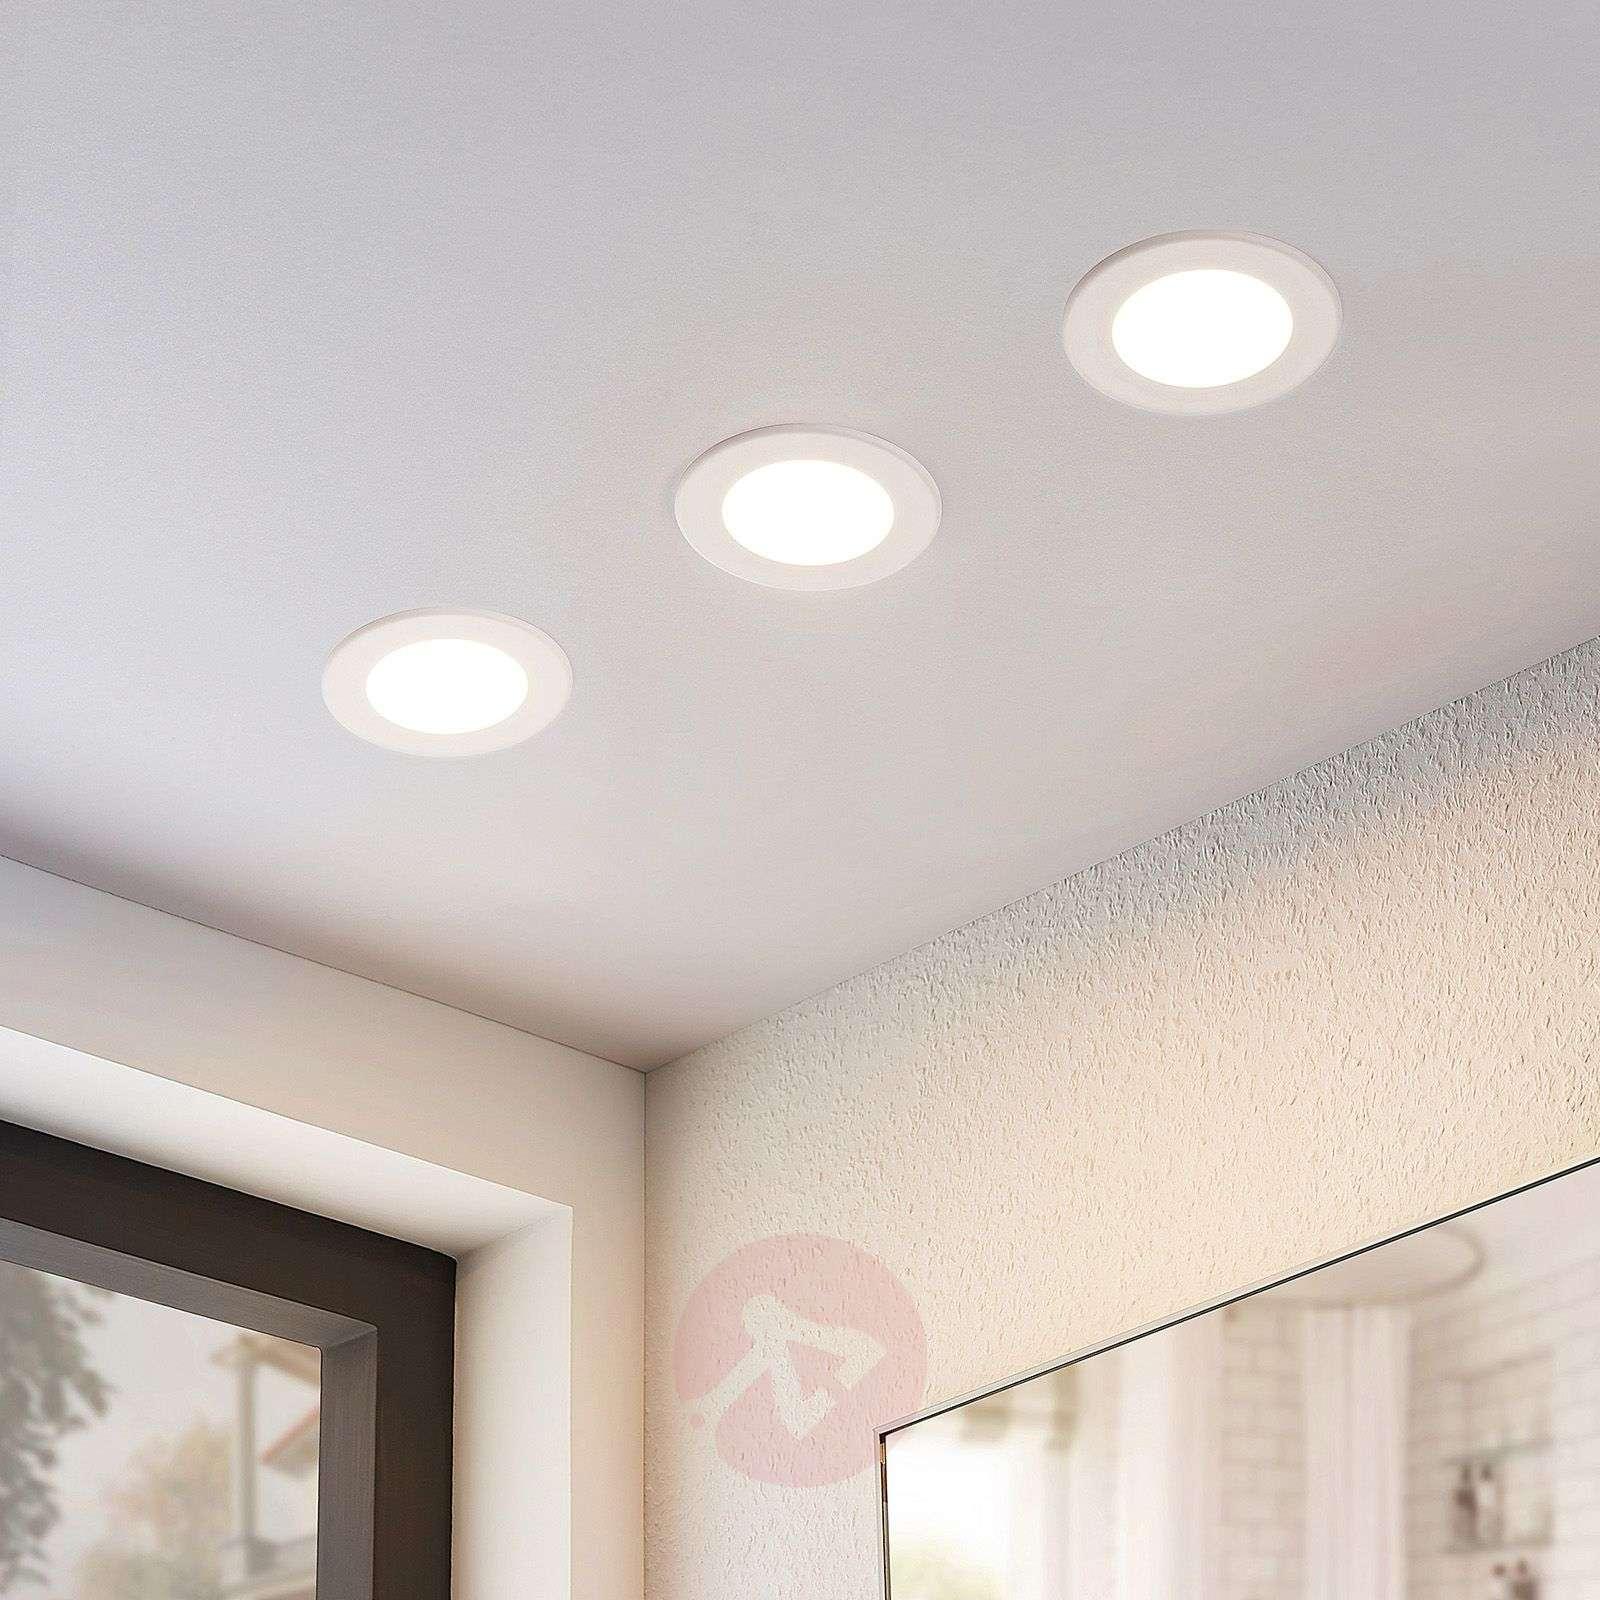 LED-kohdevalo Joki valkoinen 3000K pyöreä 11,5cm-9978084-02